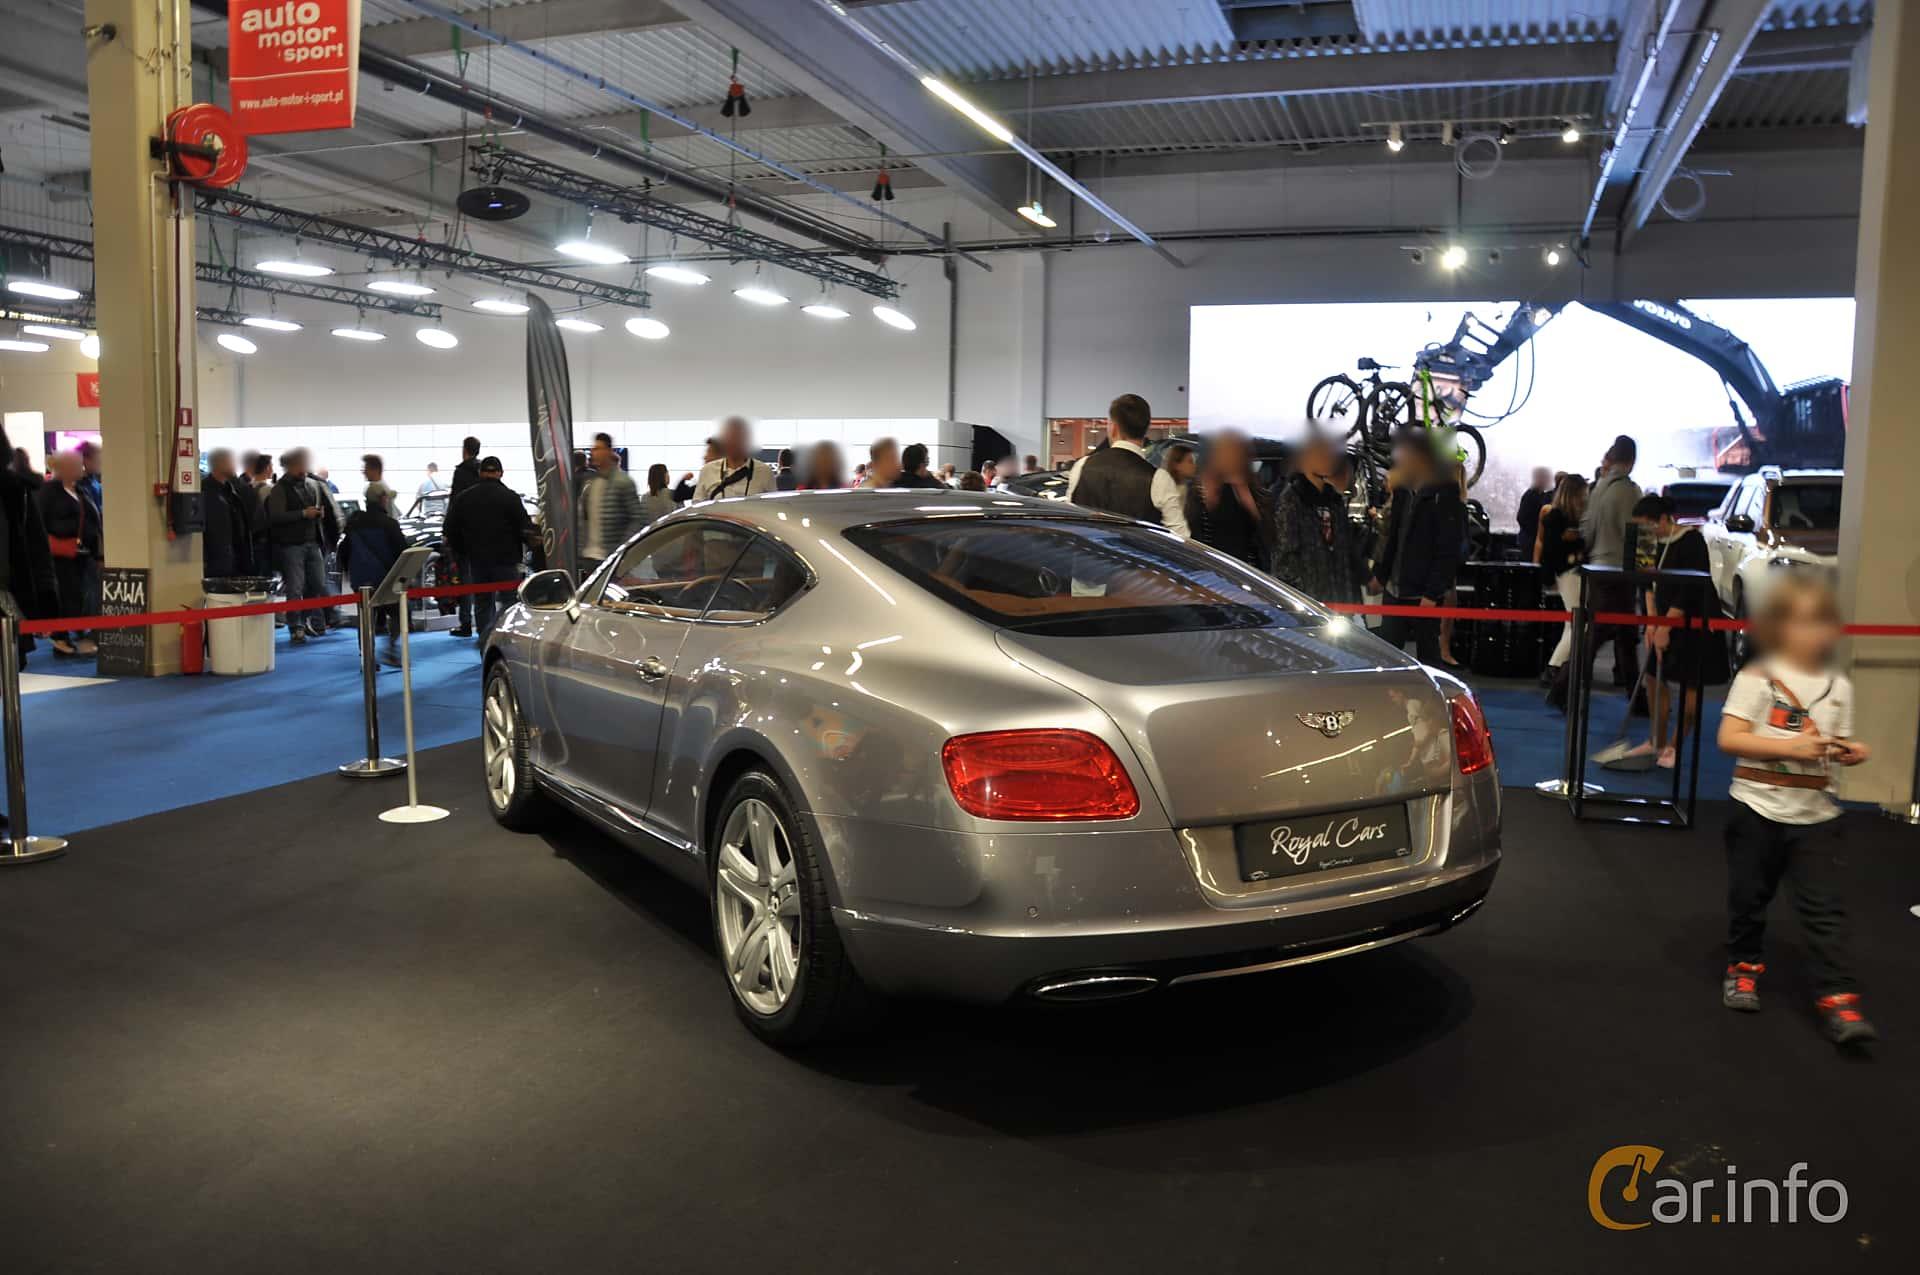 Bentley Continental GT 6.0 W12 Automatic, 575hp, 2011 at Warsawa Motorshow 2018